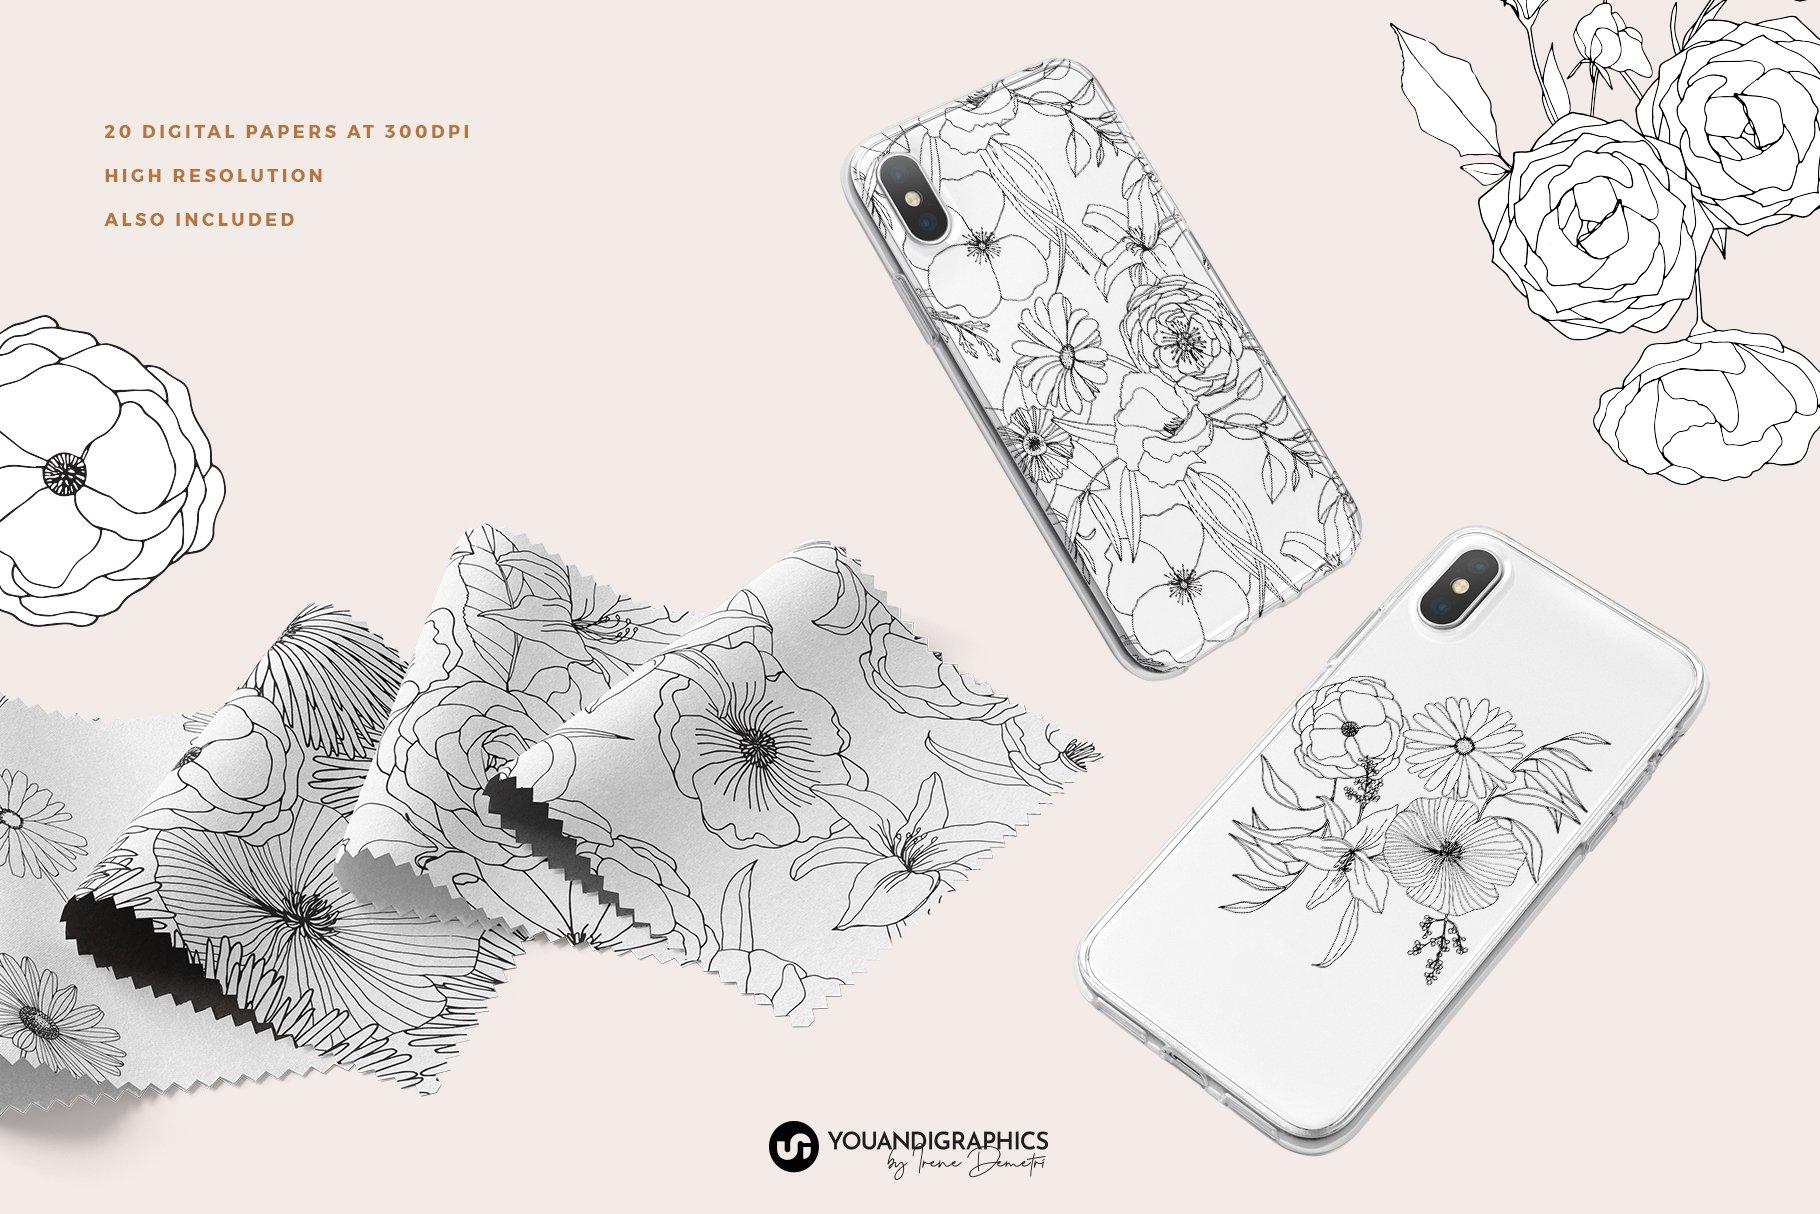 精美手绘花卉花朵无缝隙矢量线稿图案素材 Floral Blast Patterns And Bouquets插图(5)